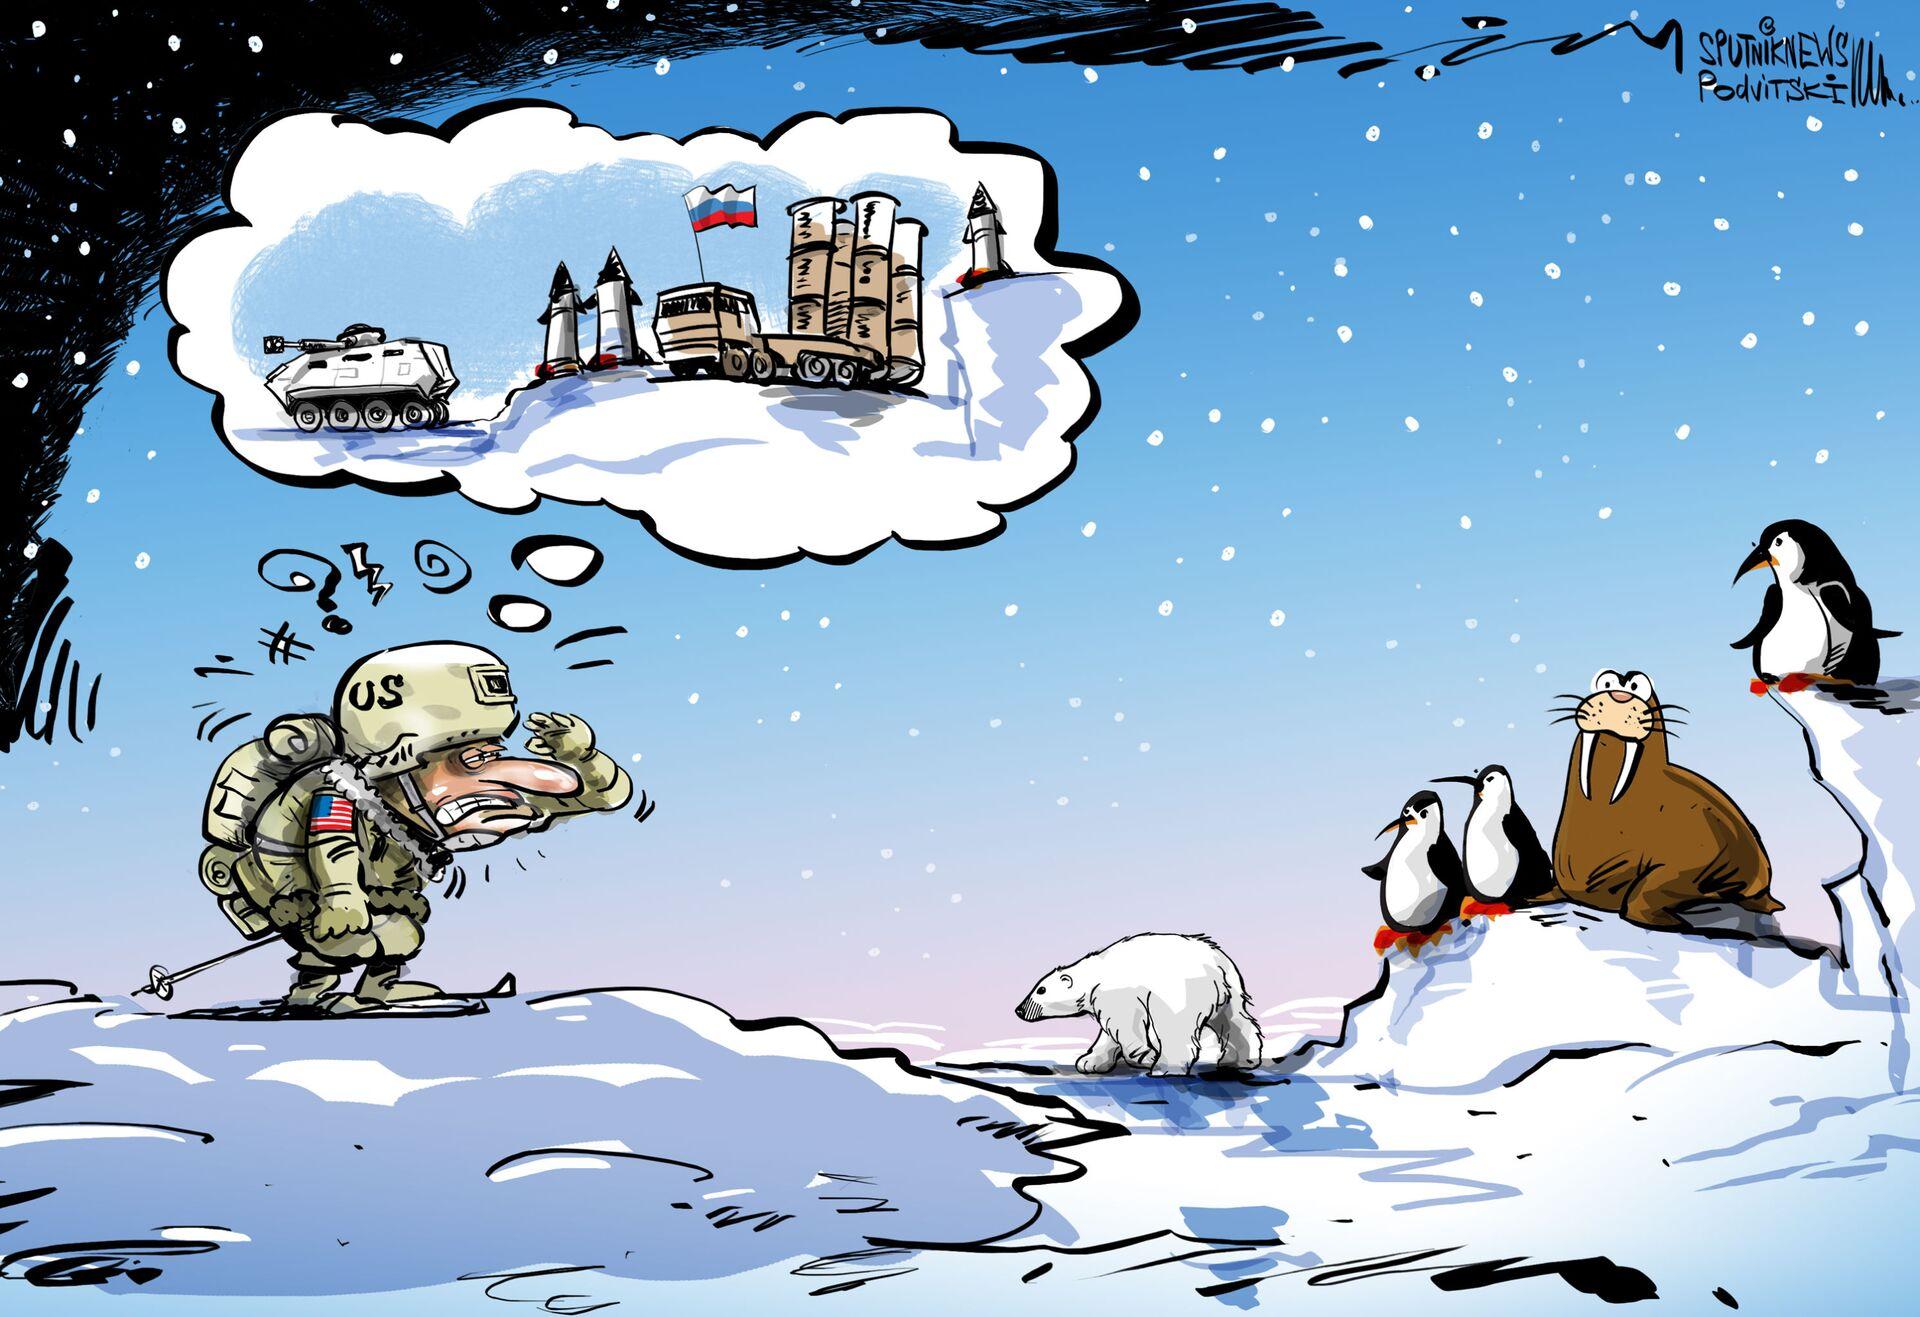 Kinzhal, el peligroso 'espejismo' de la OTAN en el Ártico - Sputnik Mundo, 1920, 11.02.2021